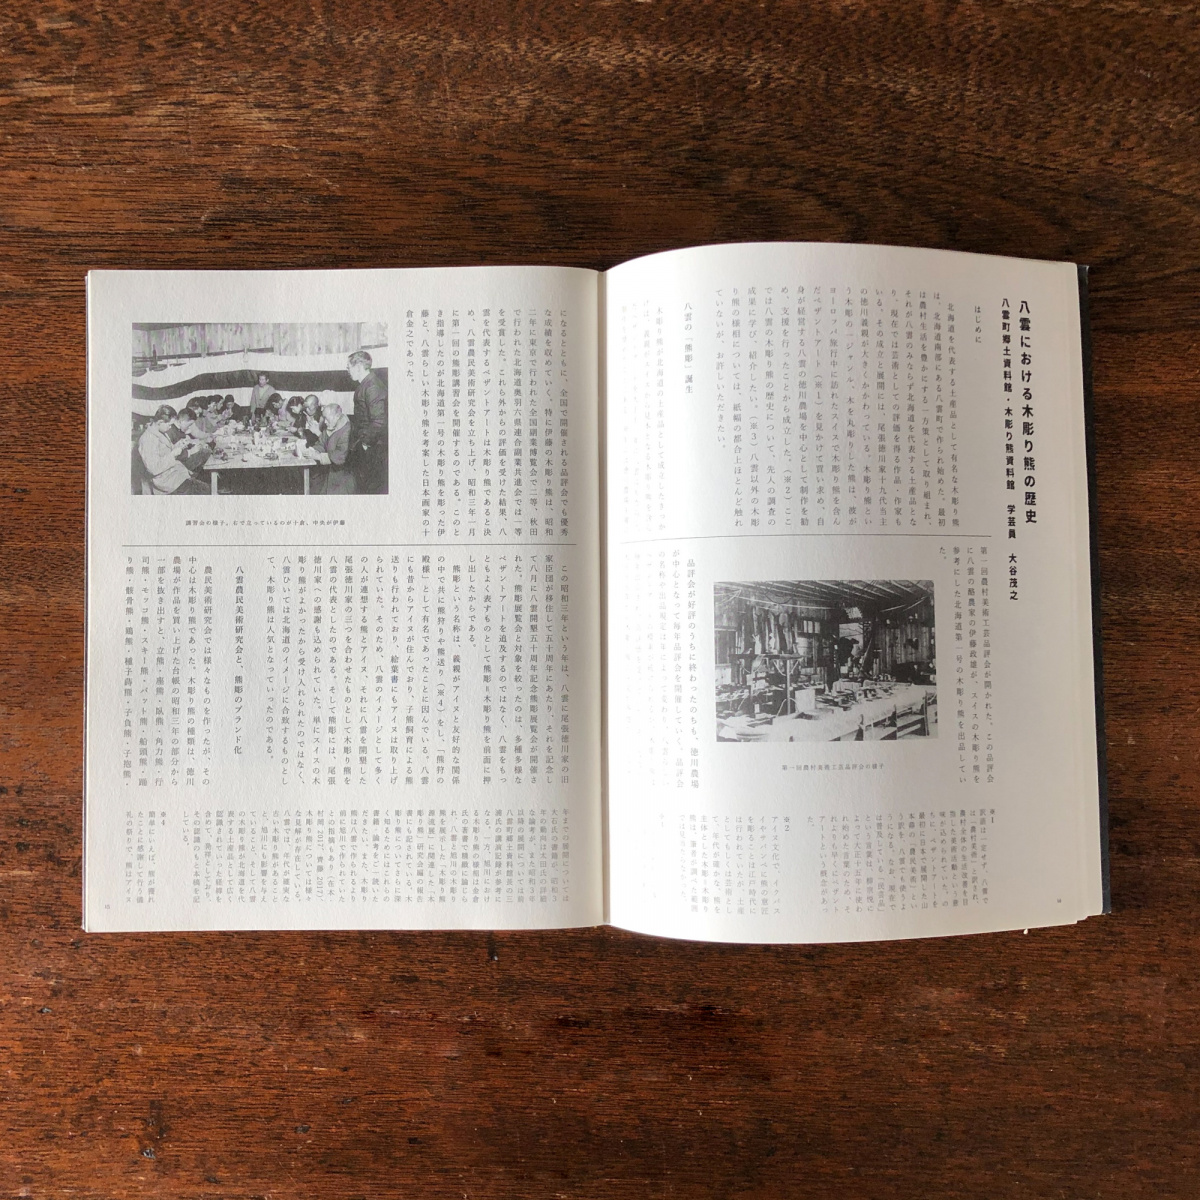 静かなブームとなっている、北海道の木彫り熊をひも解く一冊。